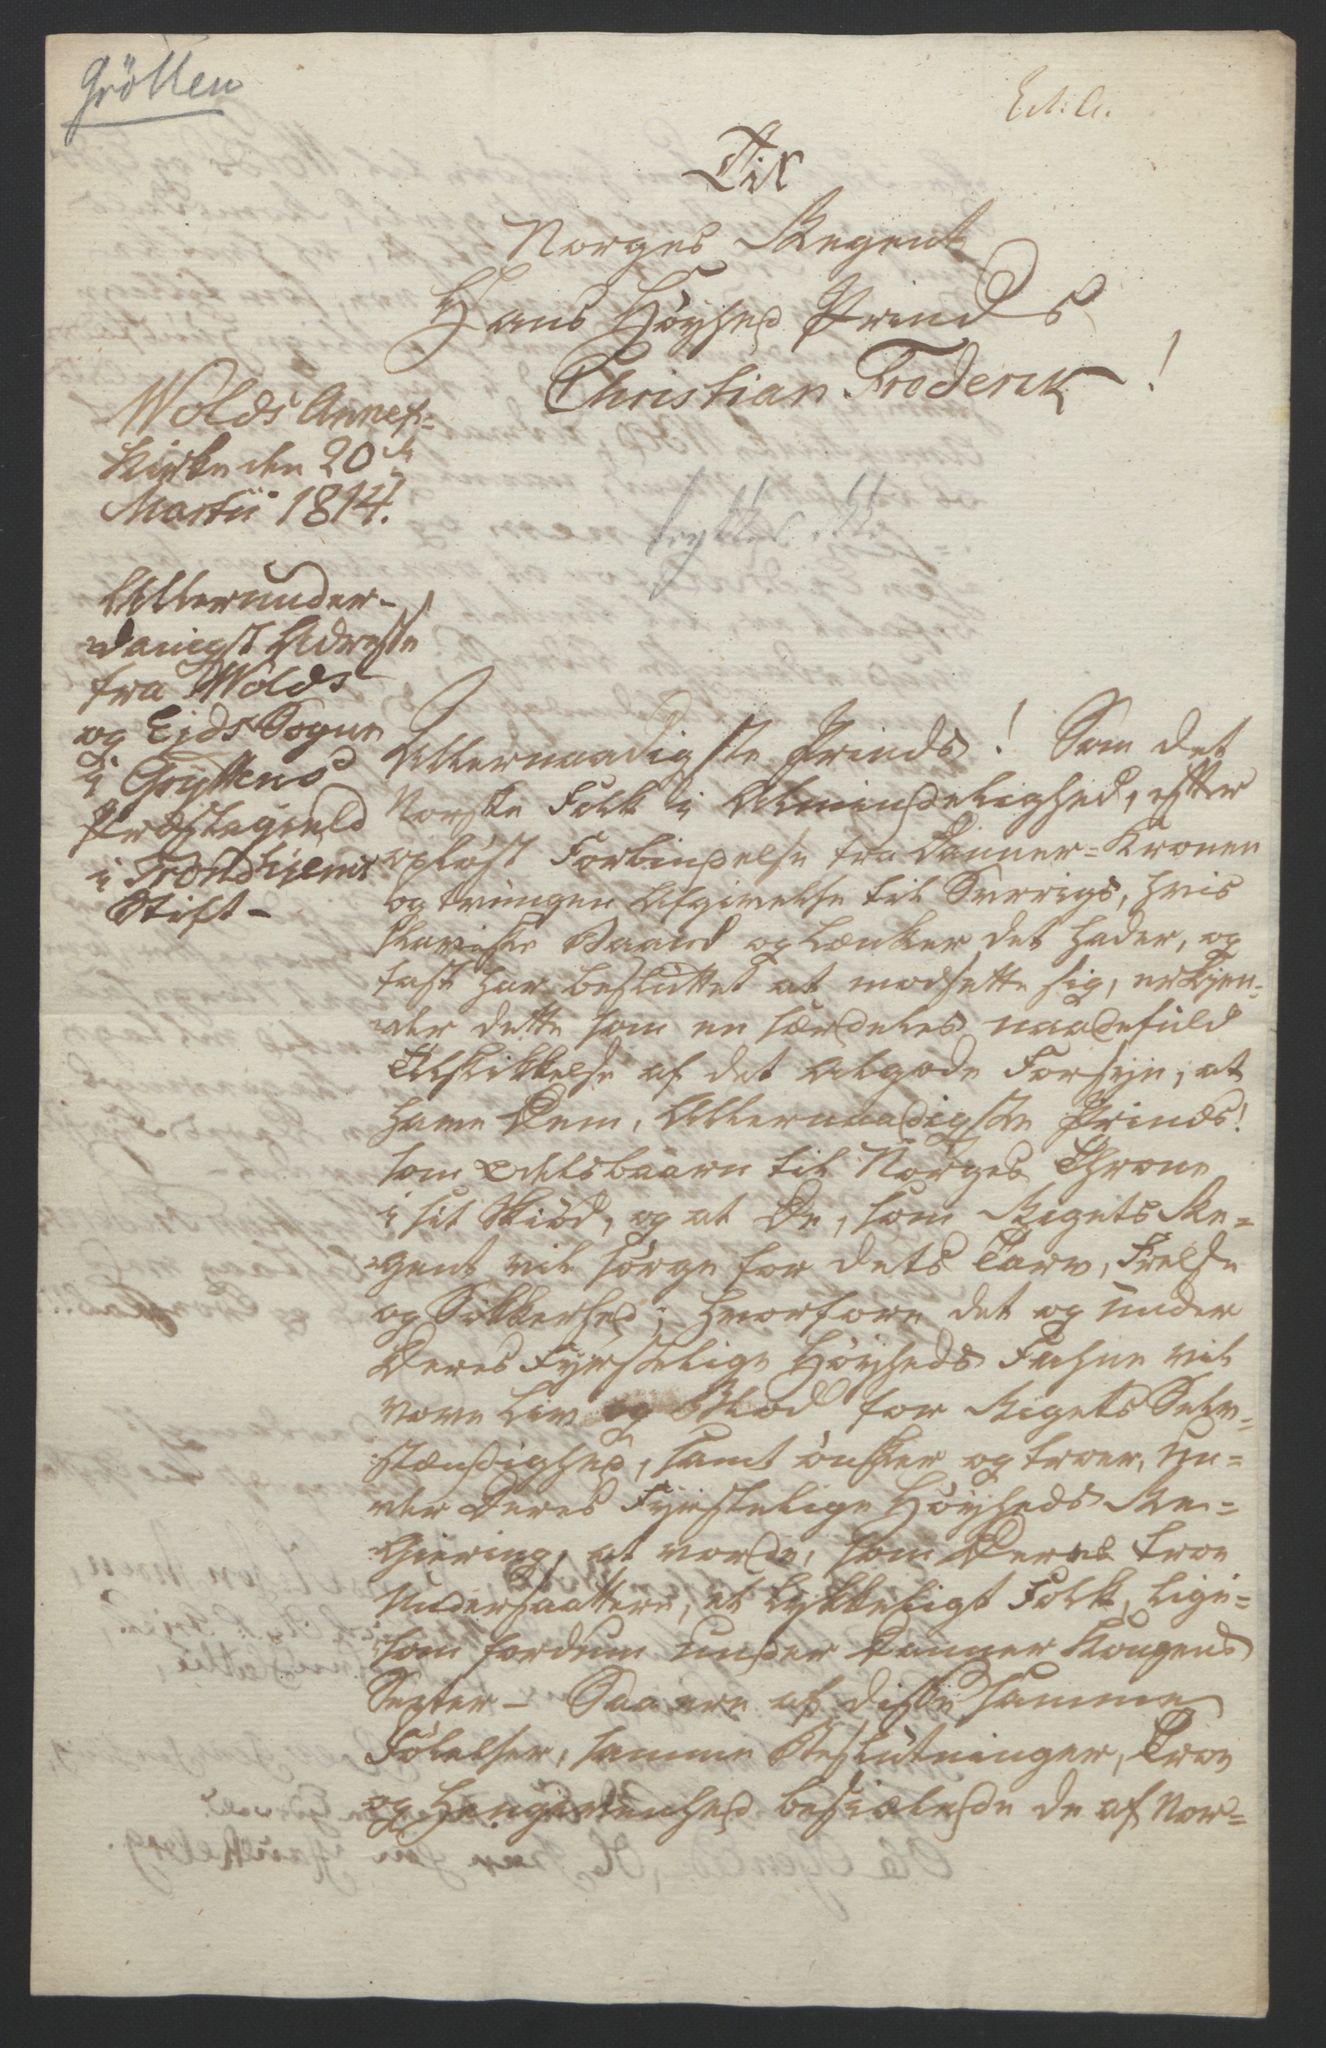 RA, Statsrådssekretariatet, D/Db/L0008: Fullmakter for Eidsvollsrepresentantene i 1814. , 1814, s. 375